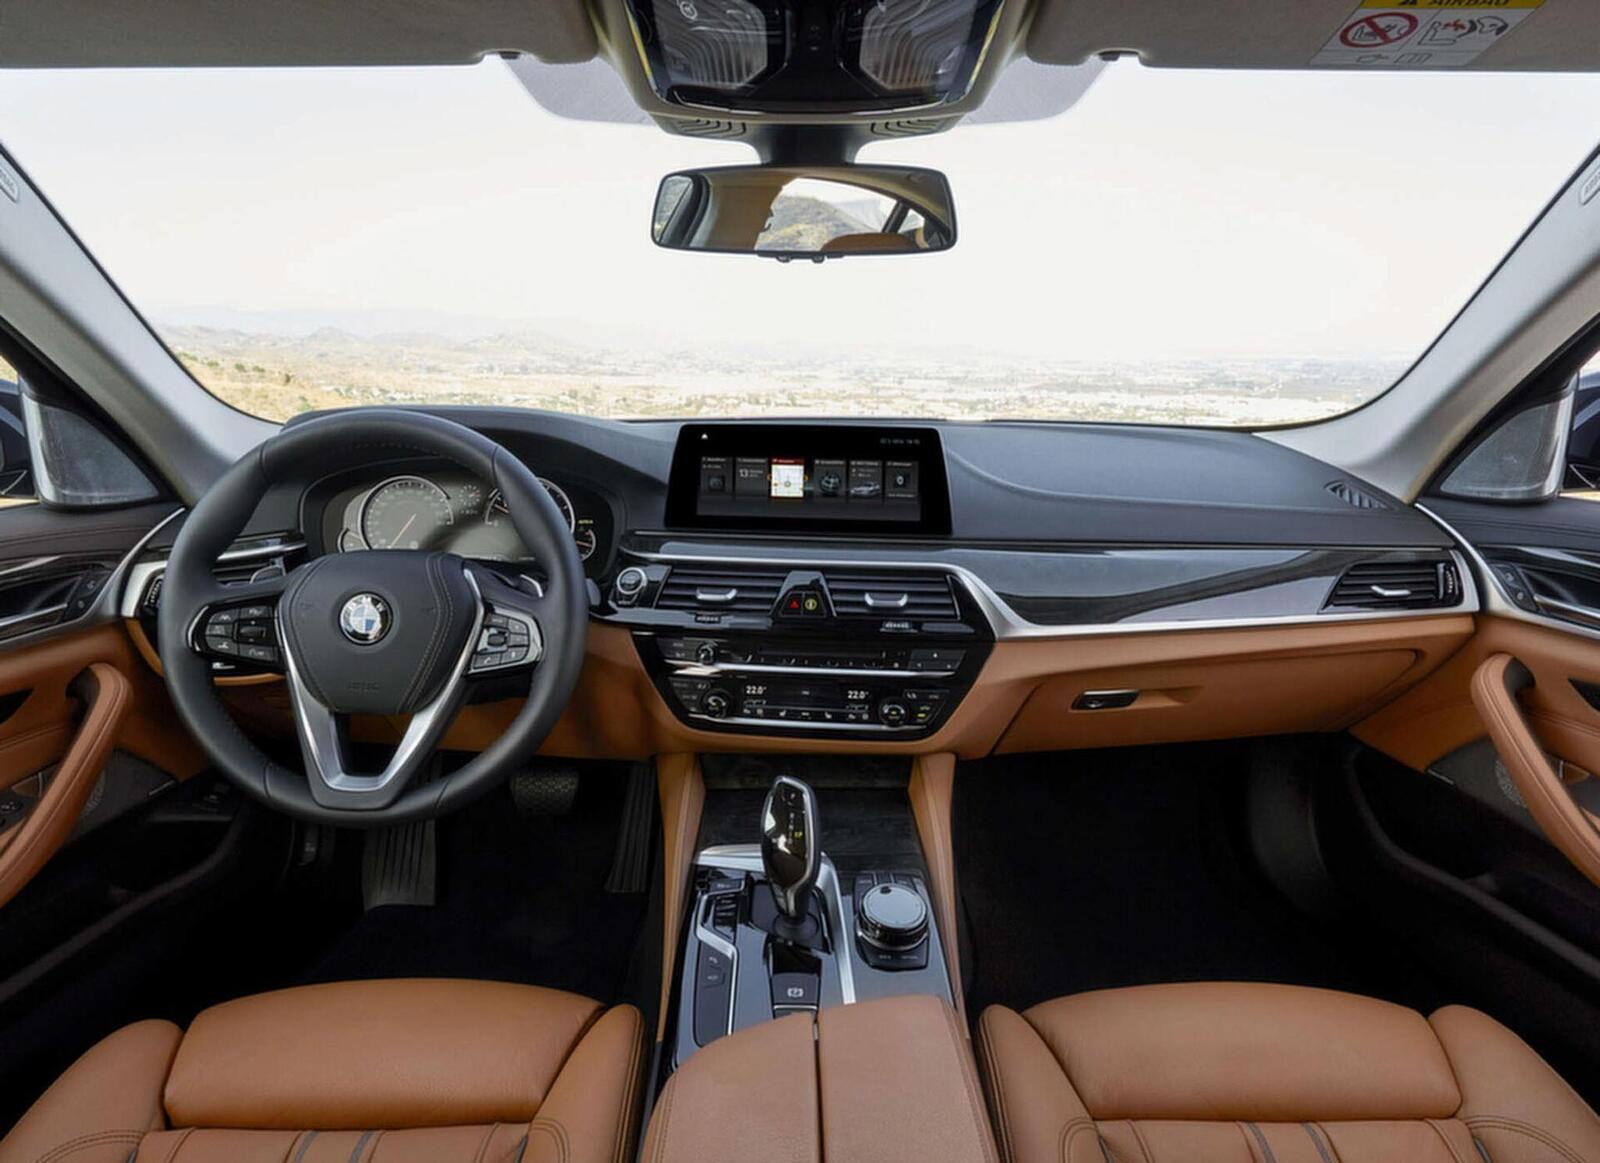 Lộ giá bán của BMW 520i và 530i thế hệ mới tại Việt Nam; từ 2,389 đến 3,069 tỷ đồng - Hình 11